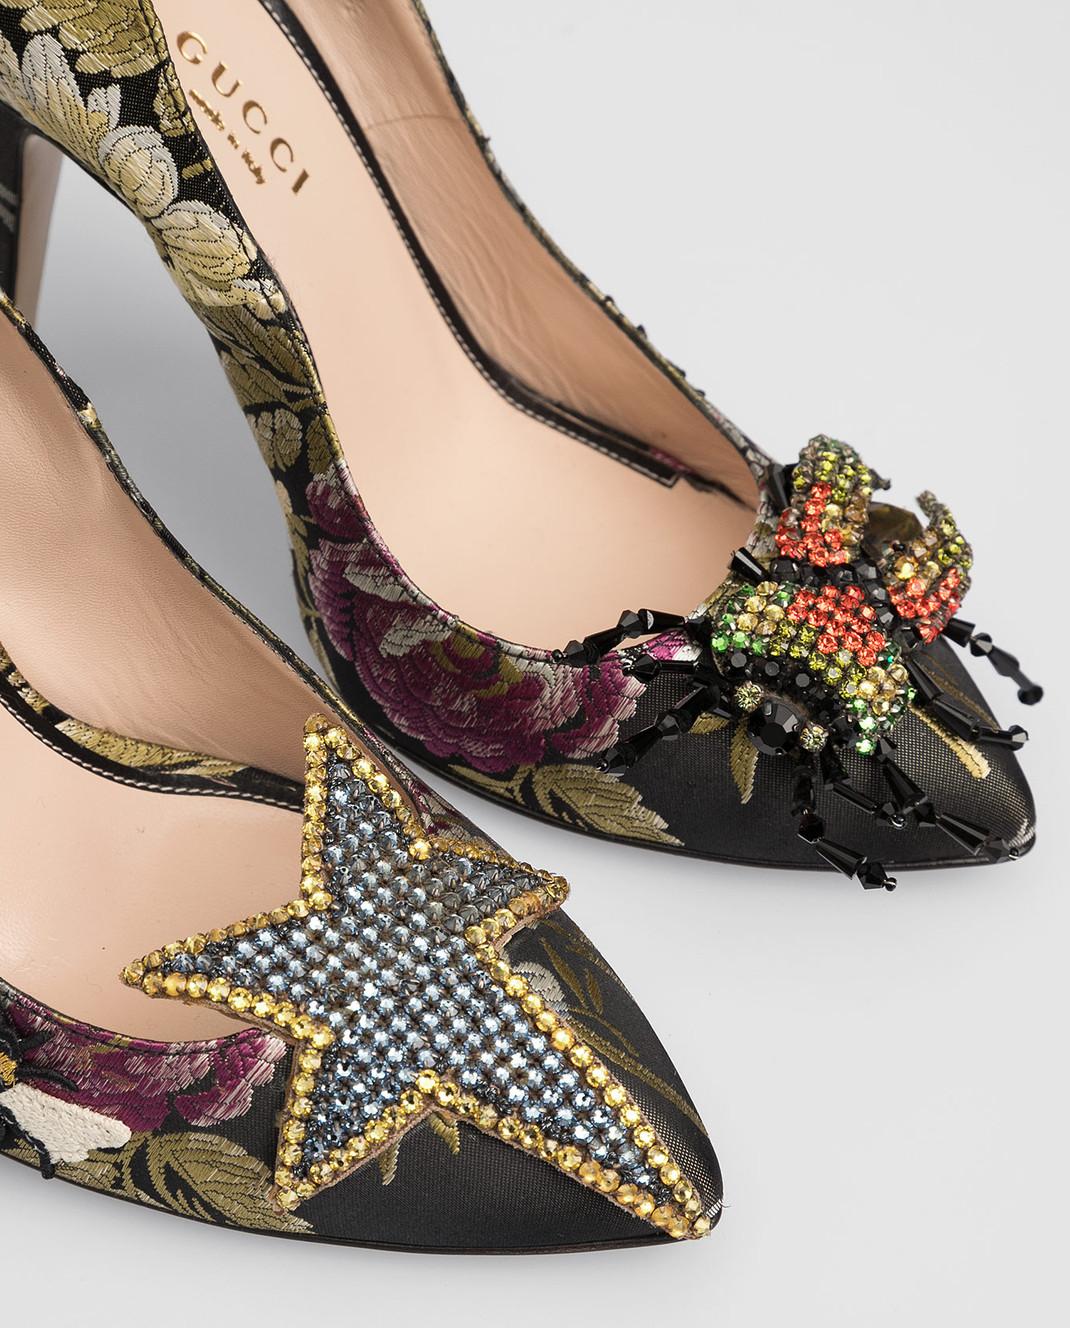 Gucci Черные туфли с кристаллами 434762 изображение 5